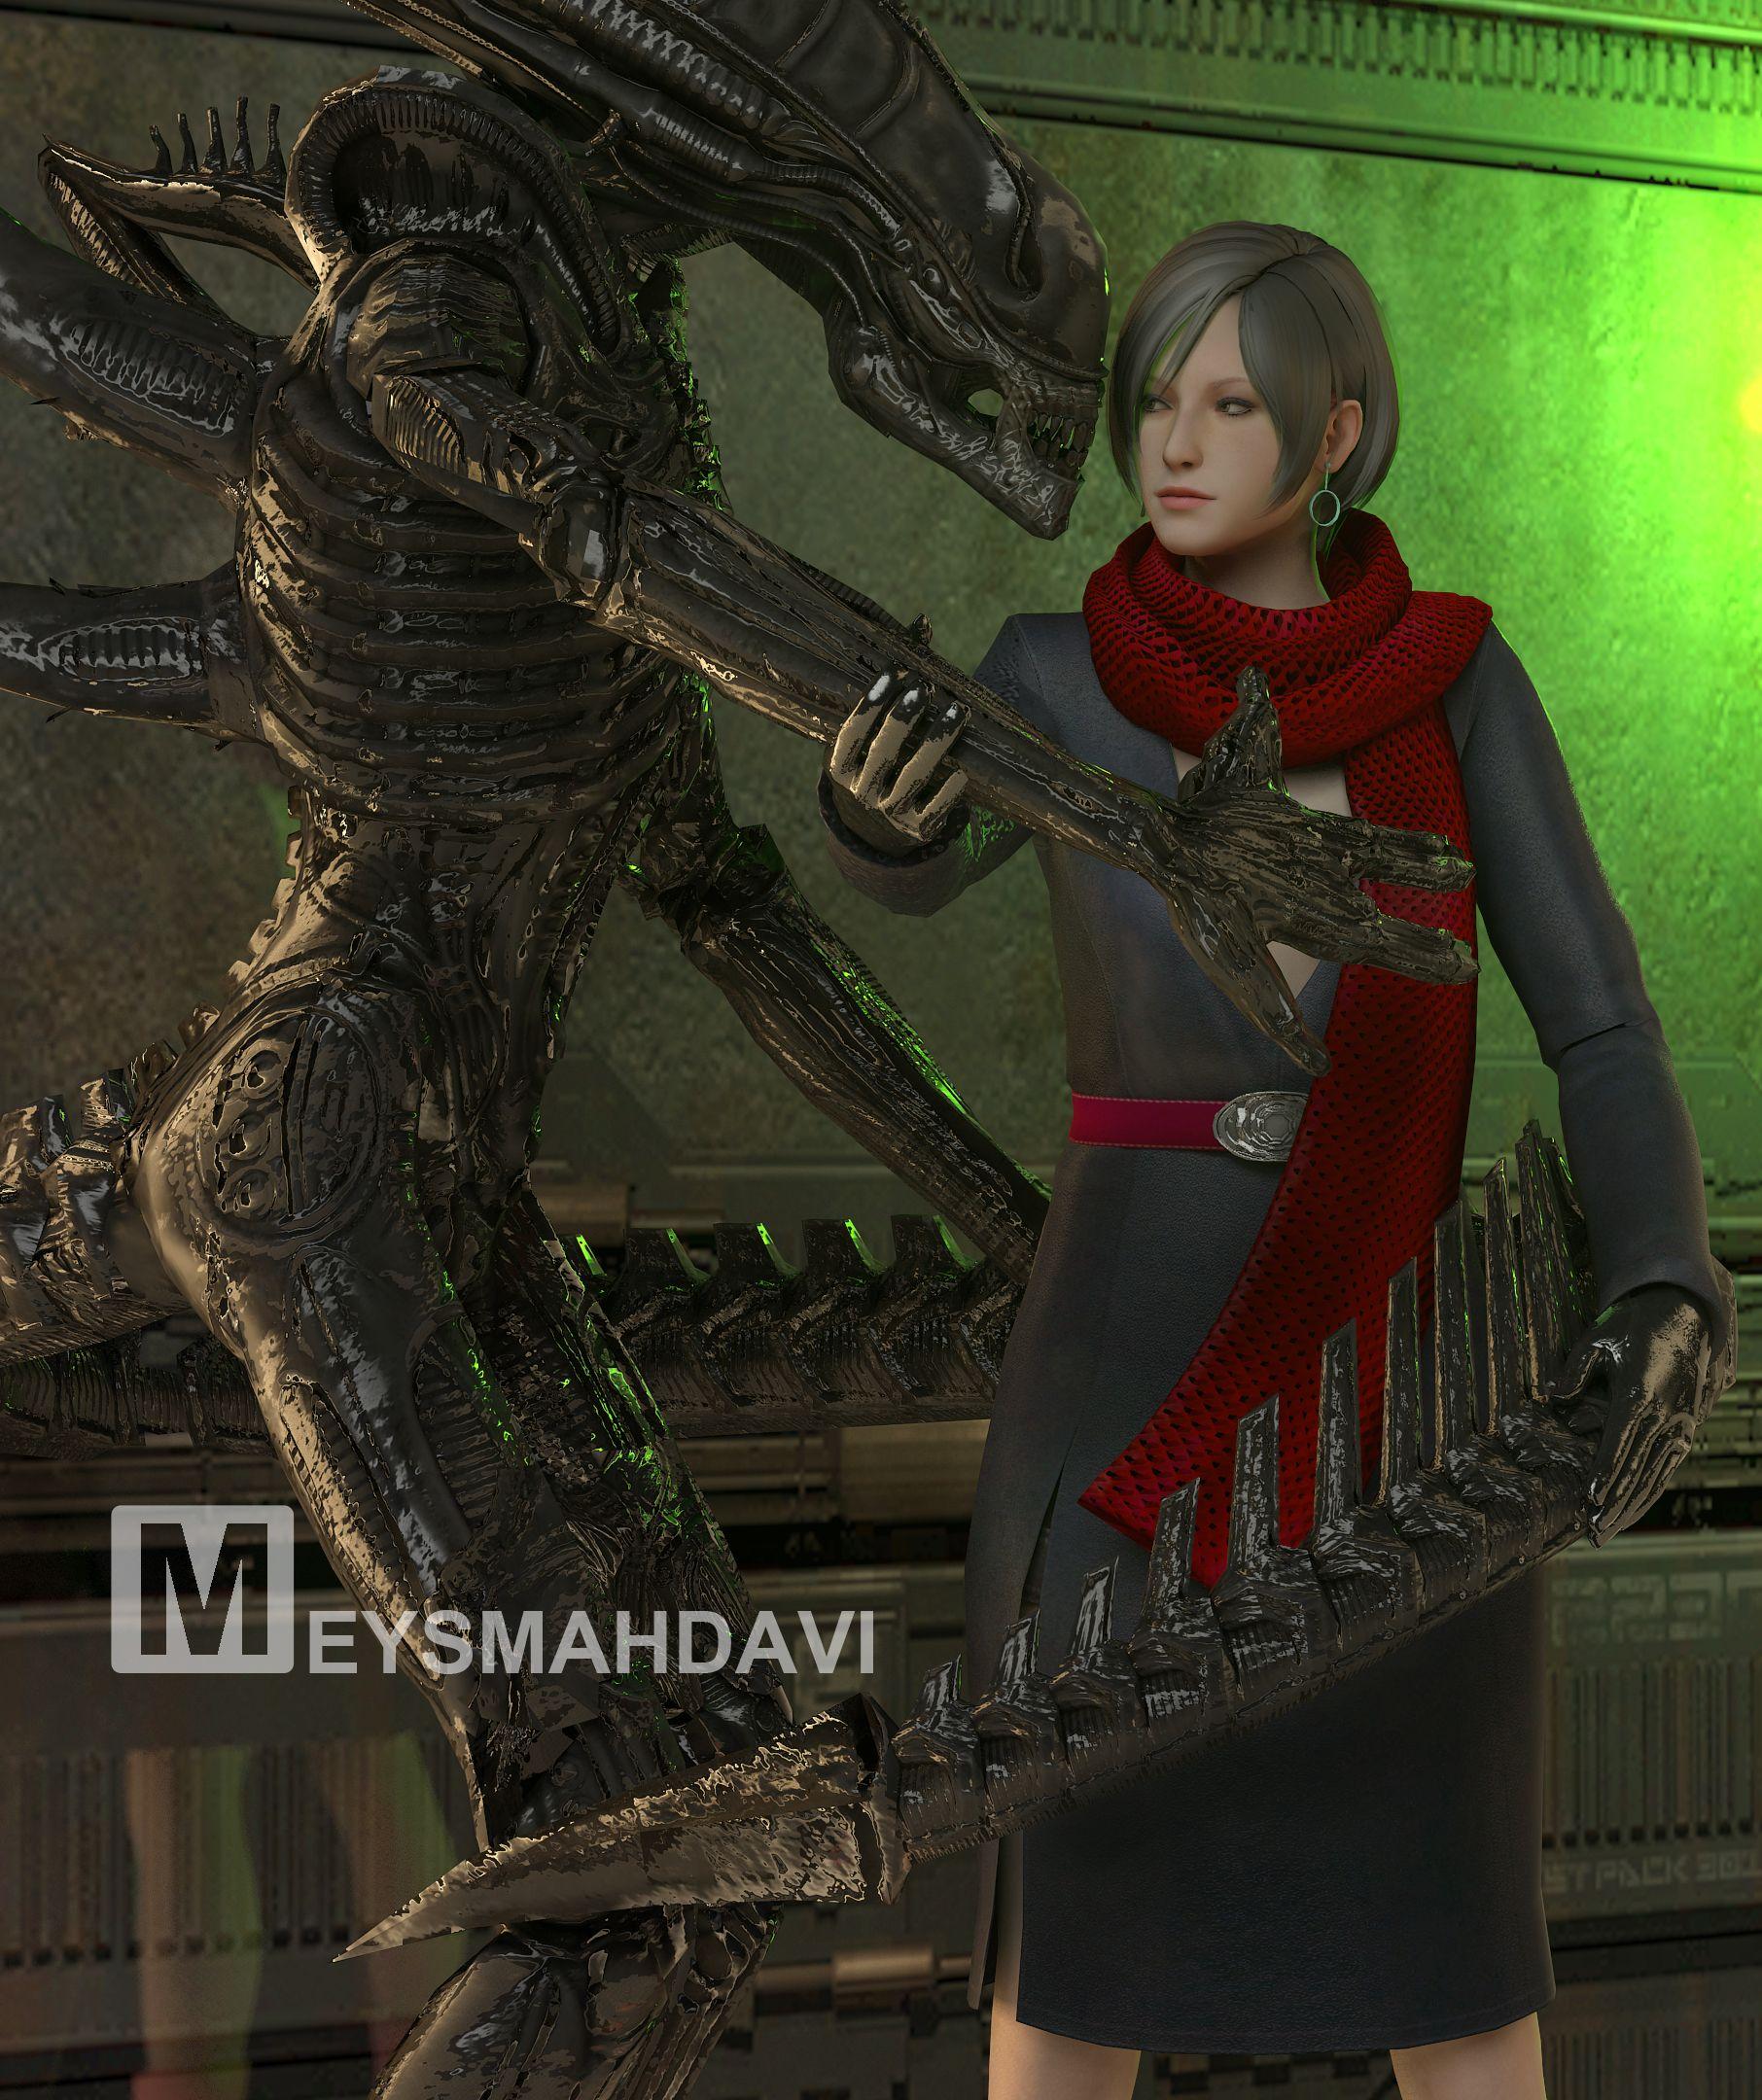 Carla Radames Resident Evil 6 And Alien My 3d Art Ada Wong